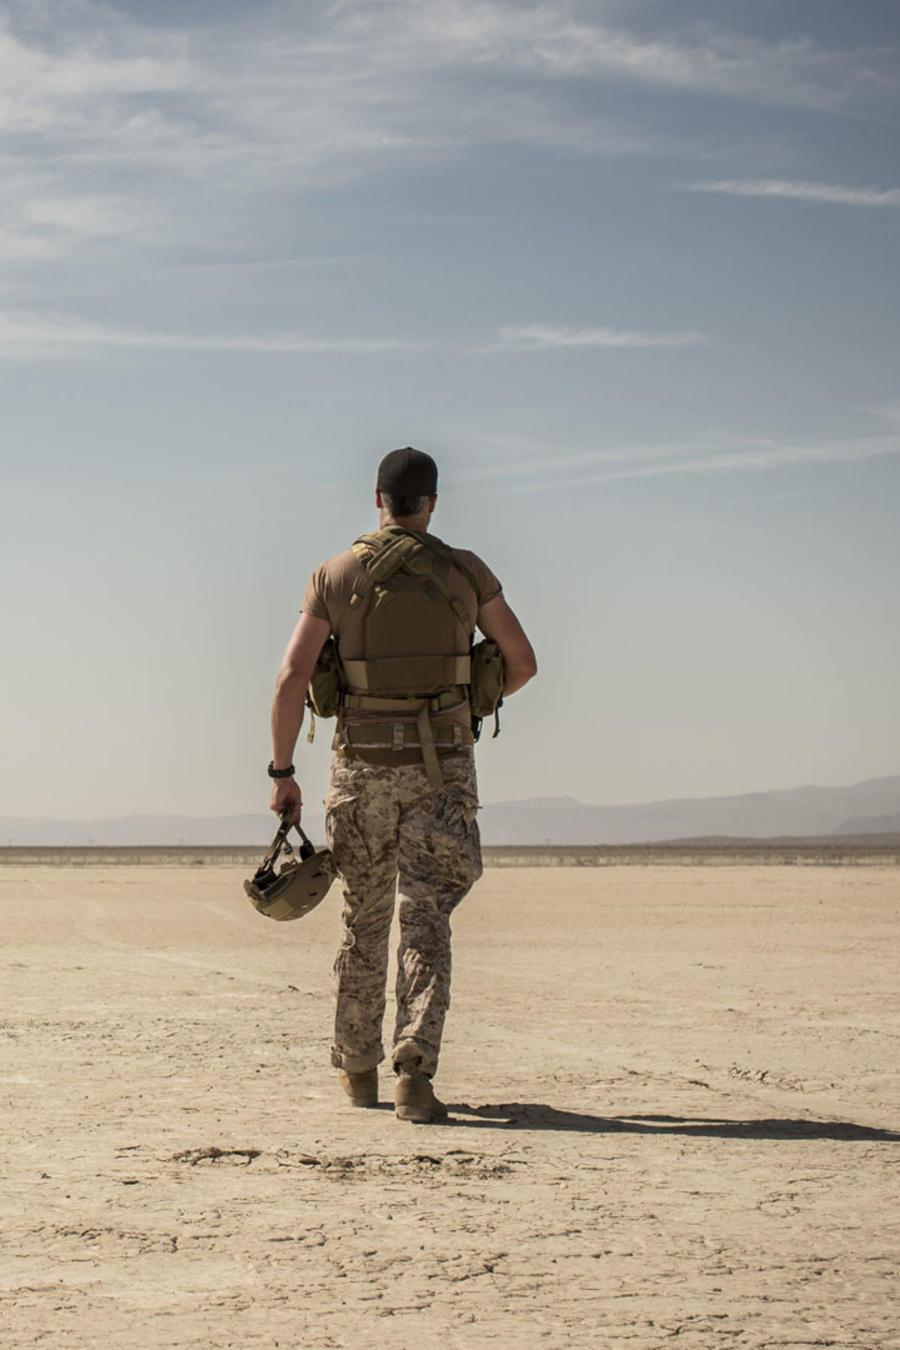 Soldado caminando en el desierto.